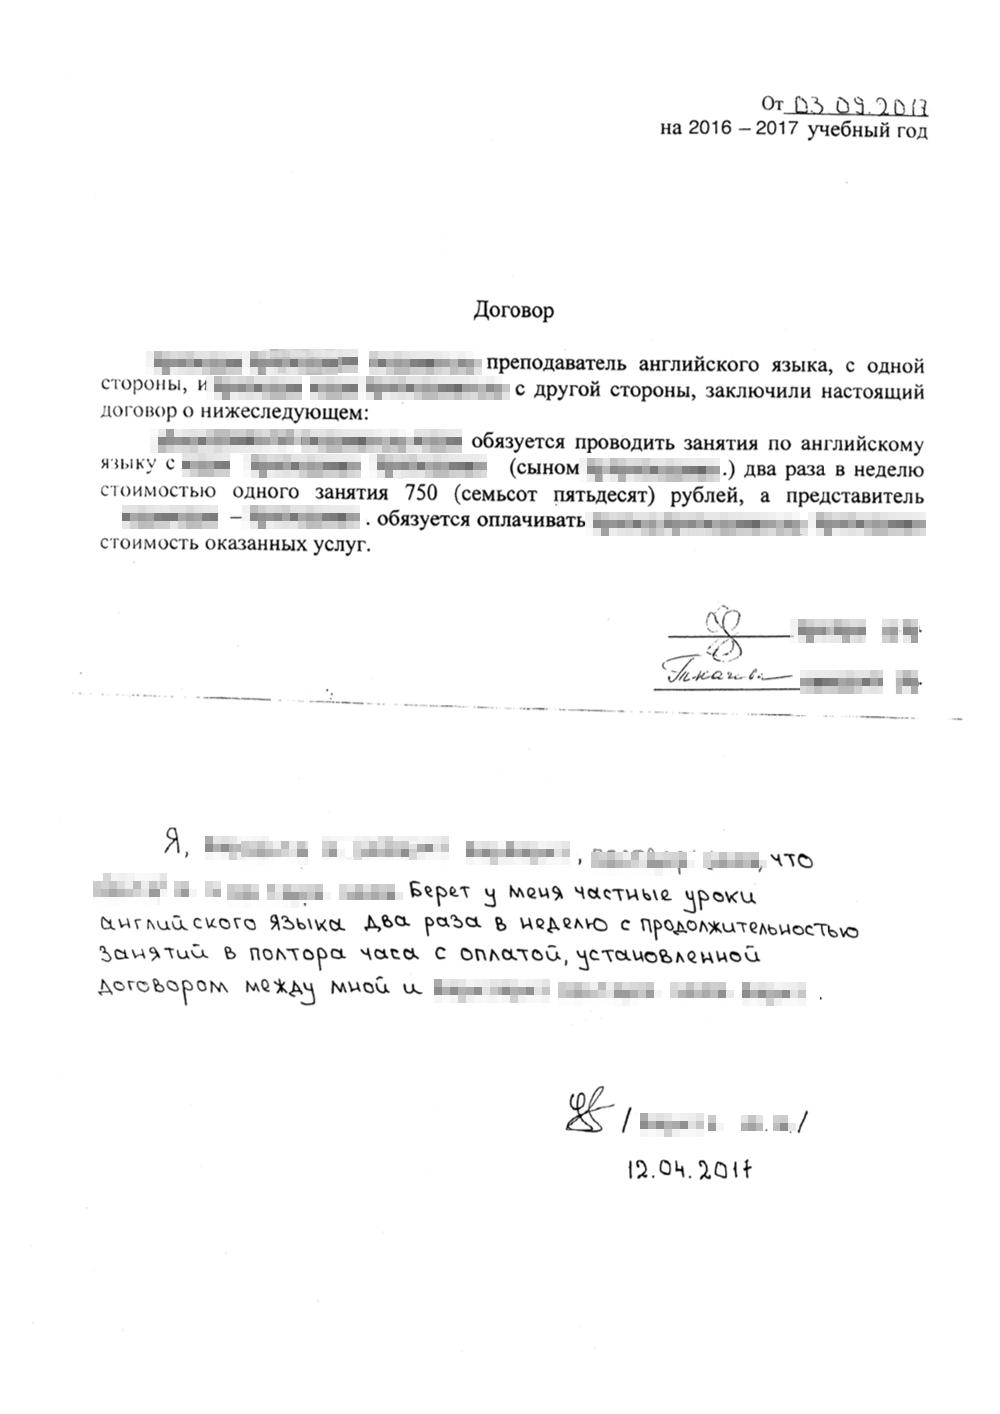 Договор с репетитором по английскому на предоставление дополнительных образовательных услуг Кириллу и расписка о получении репетитором оплаты от Татьяны